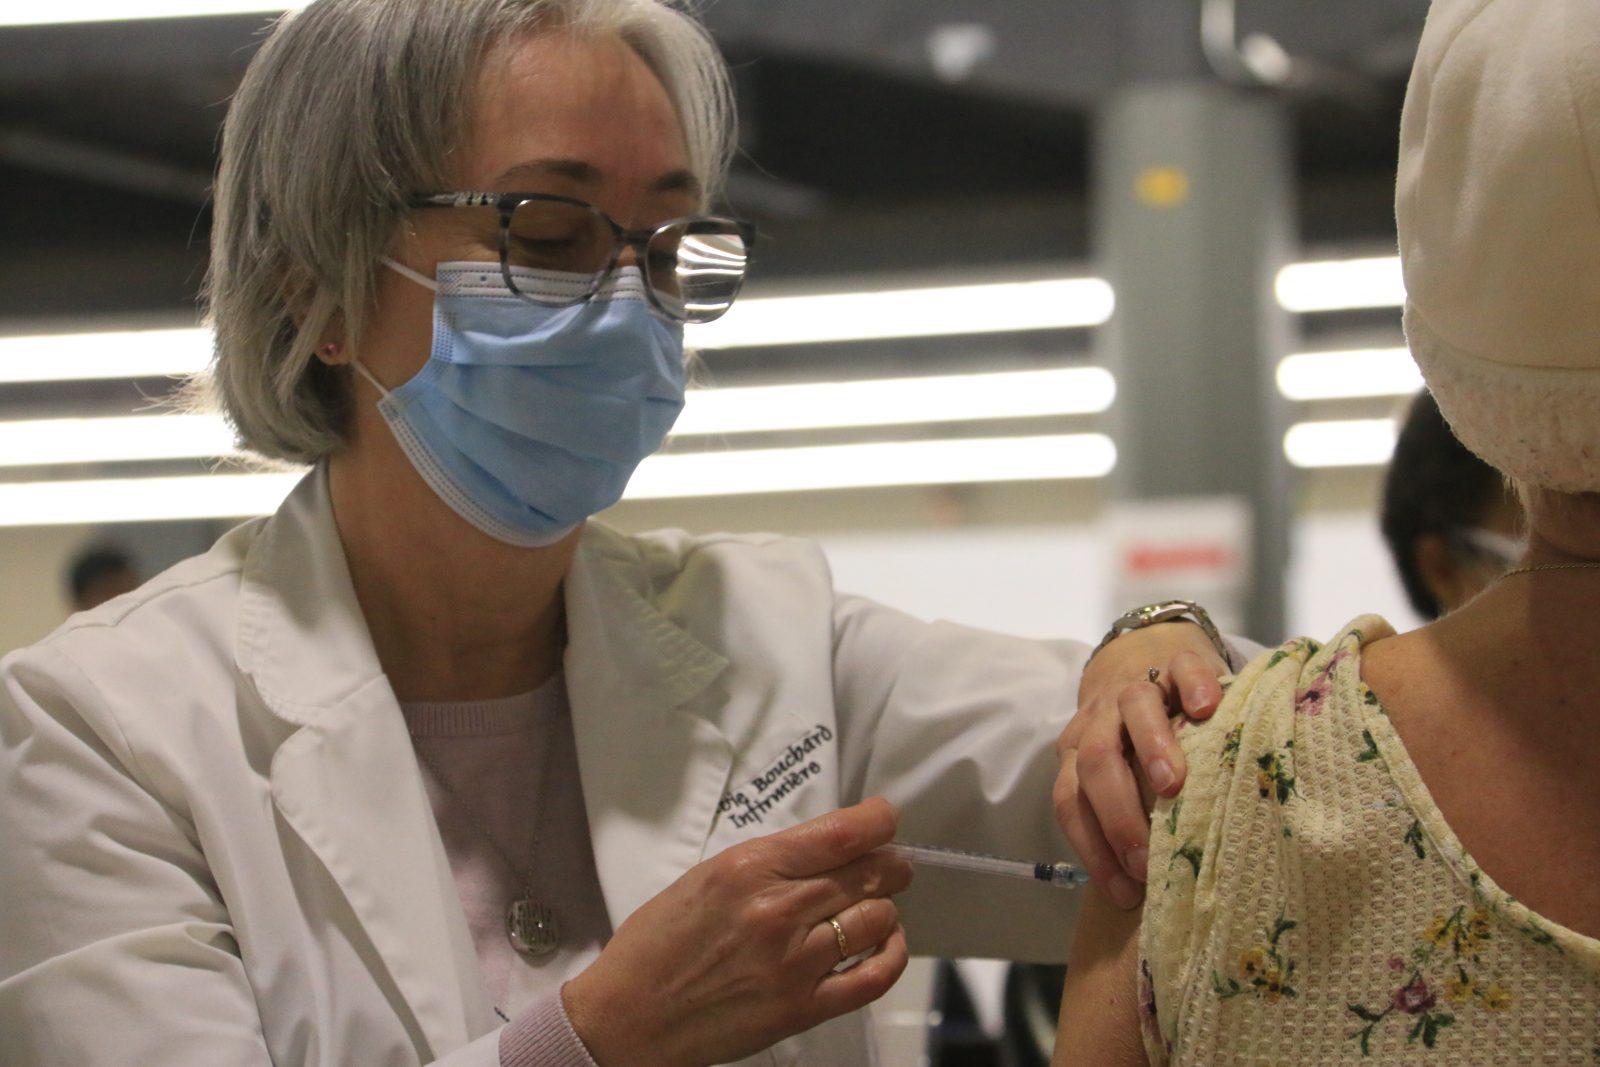 COVID-19 : 49 000 plages horaires ajoutées pour la prise de rendez-vous pour le vaccin